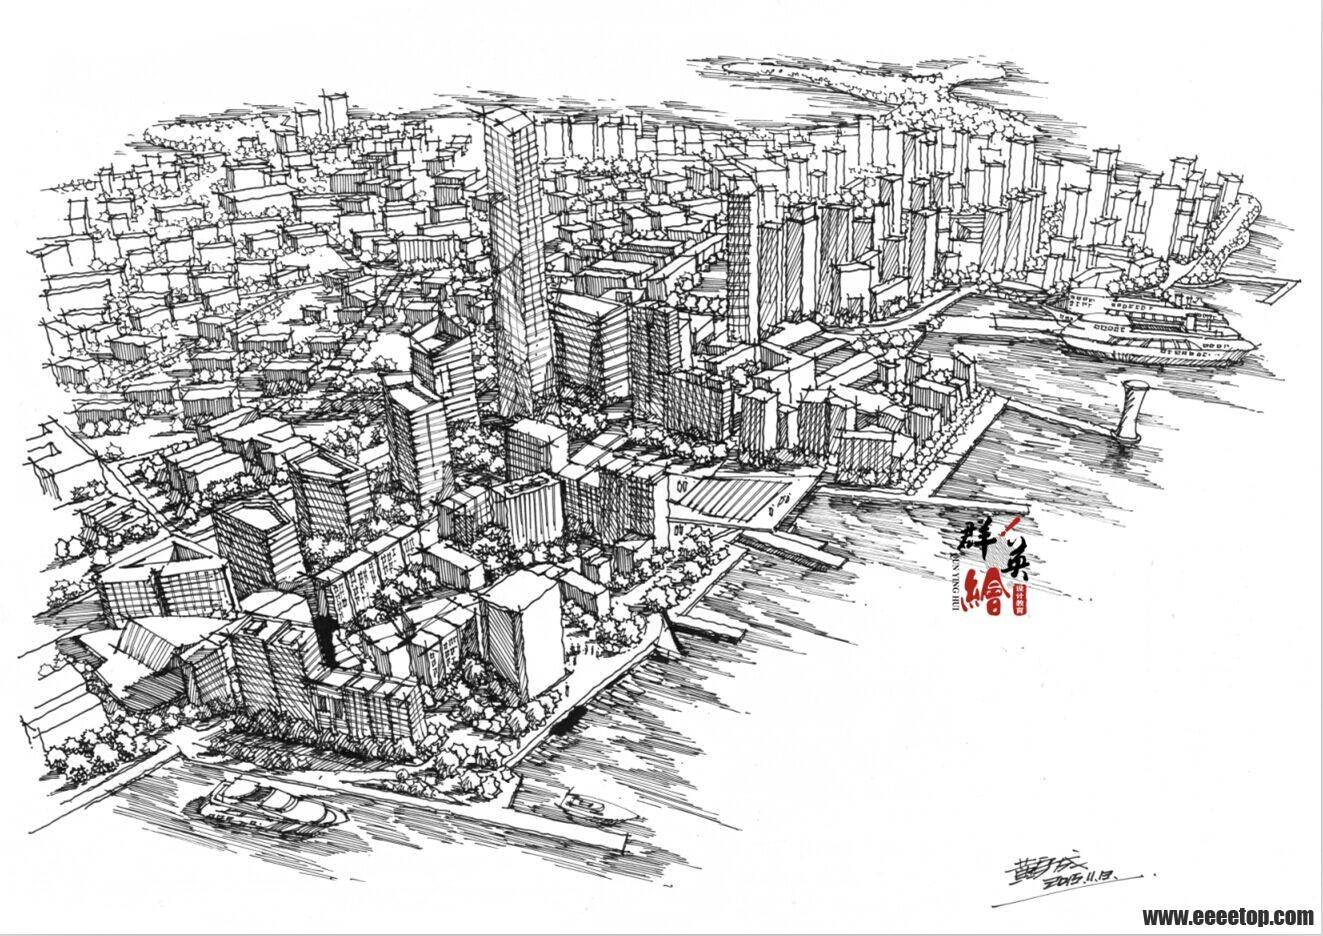 传统三剑客 69 群英绘 建筑鸟瞰图手绘表现作品  【a01】课程作业全